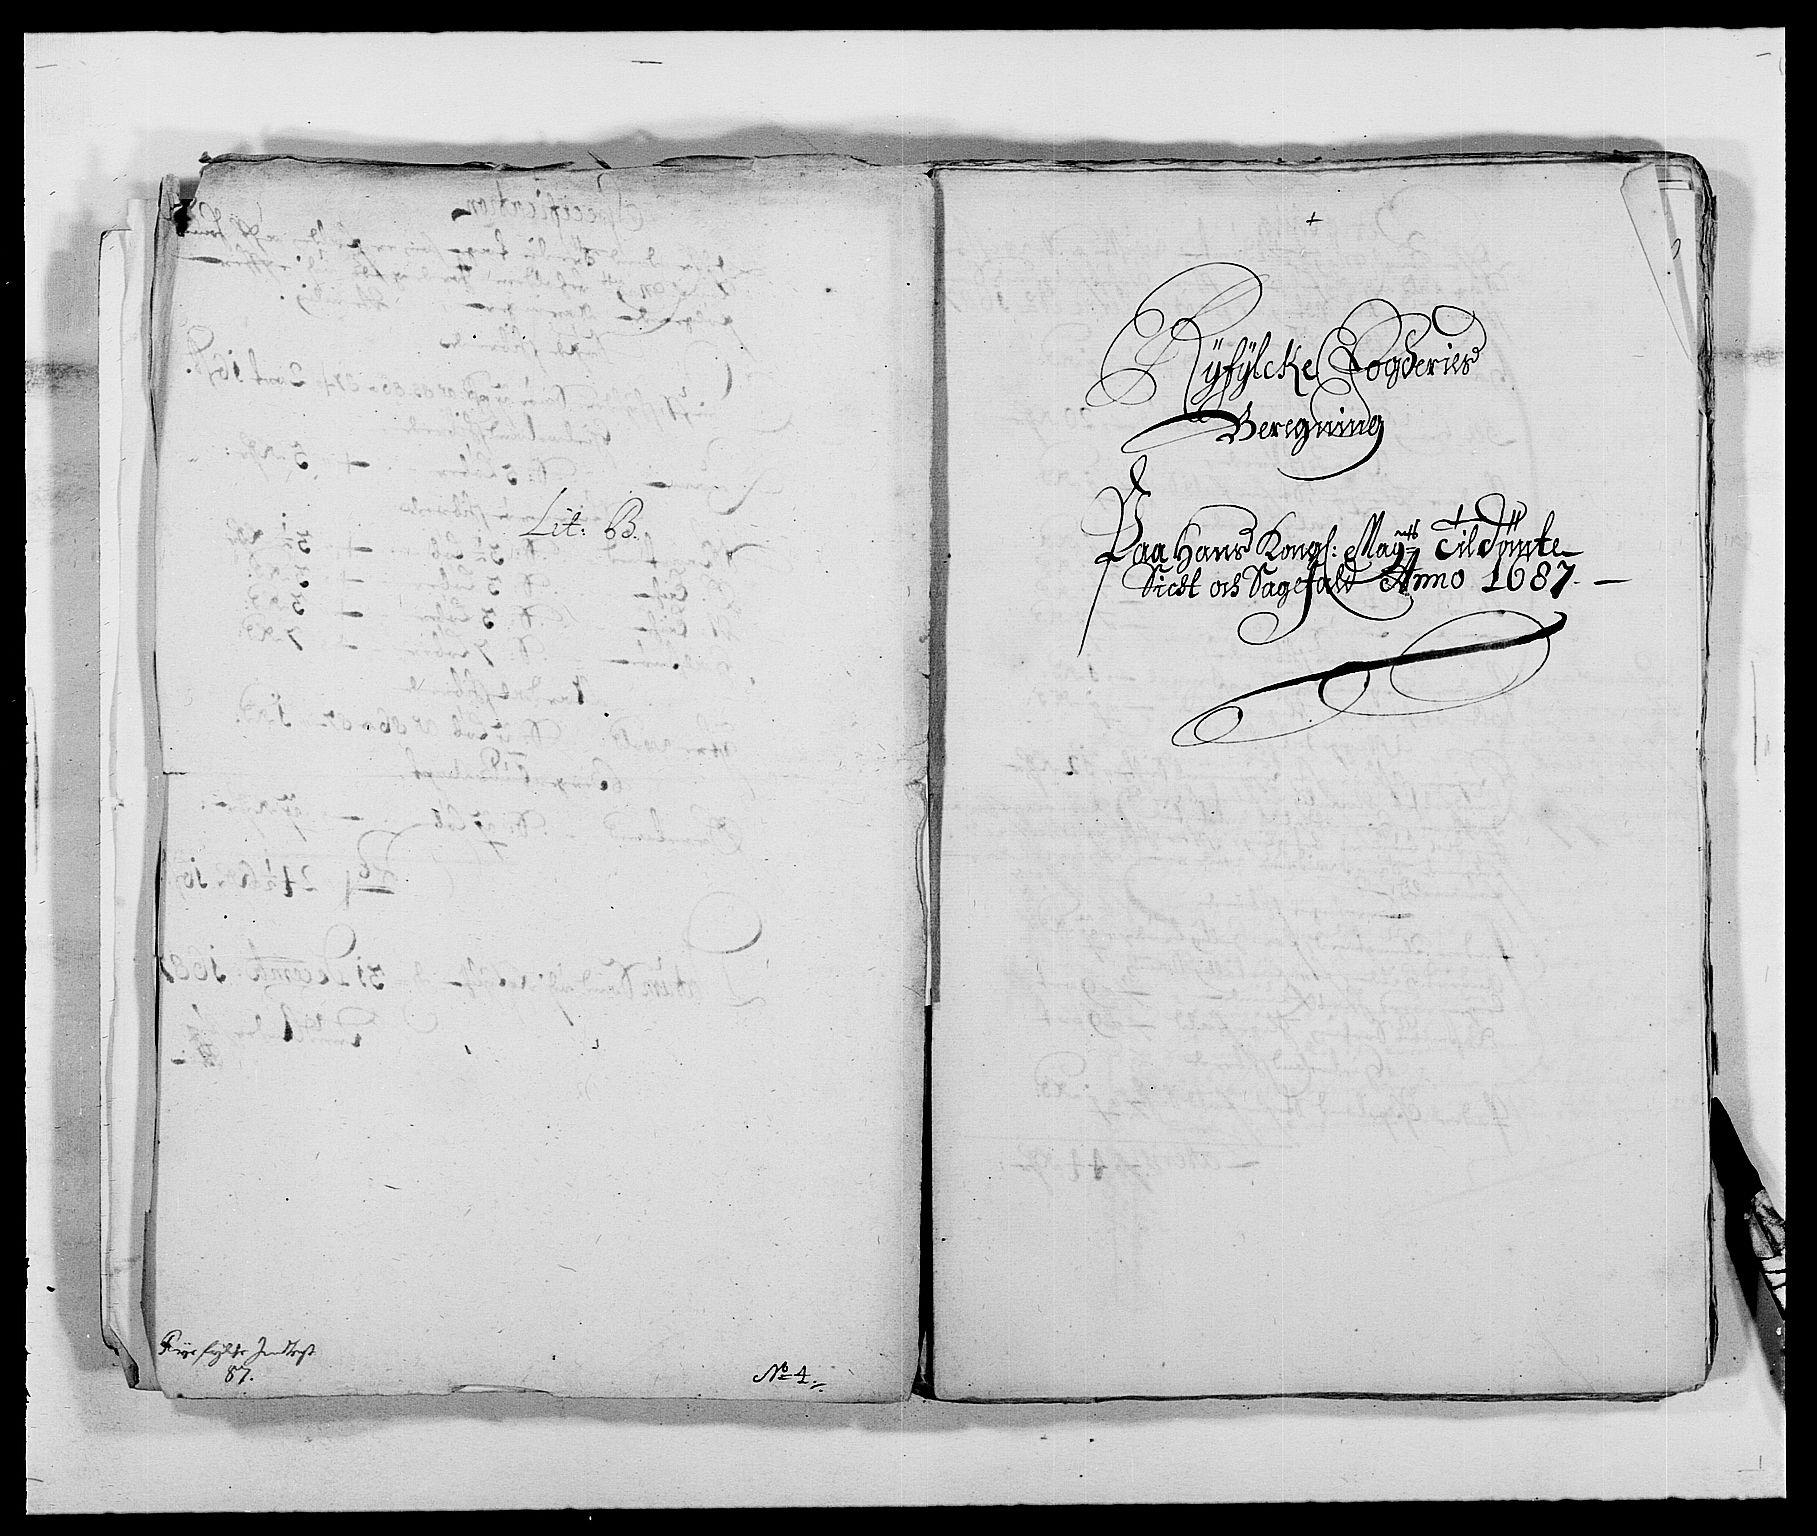 RA, Rentekammeret inntil 1814, Reviderte regnskaper, Fogderegnskap, R47/L2855: Fogderegnskap Ryfylke, 1685-1688, s. 237